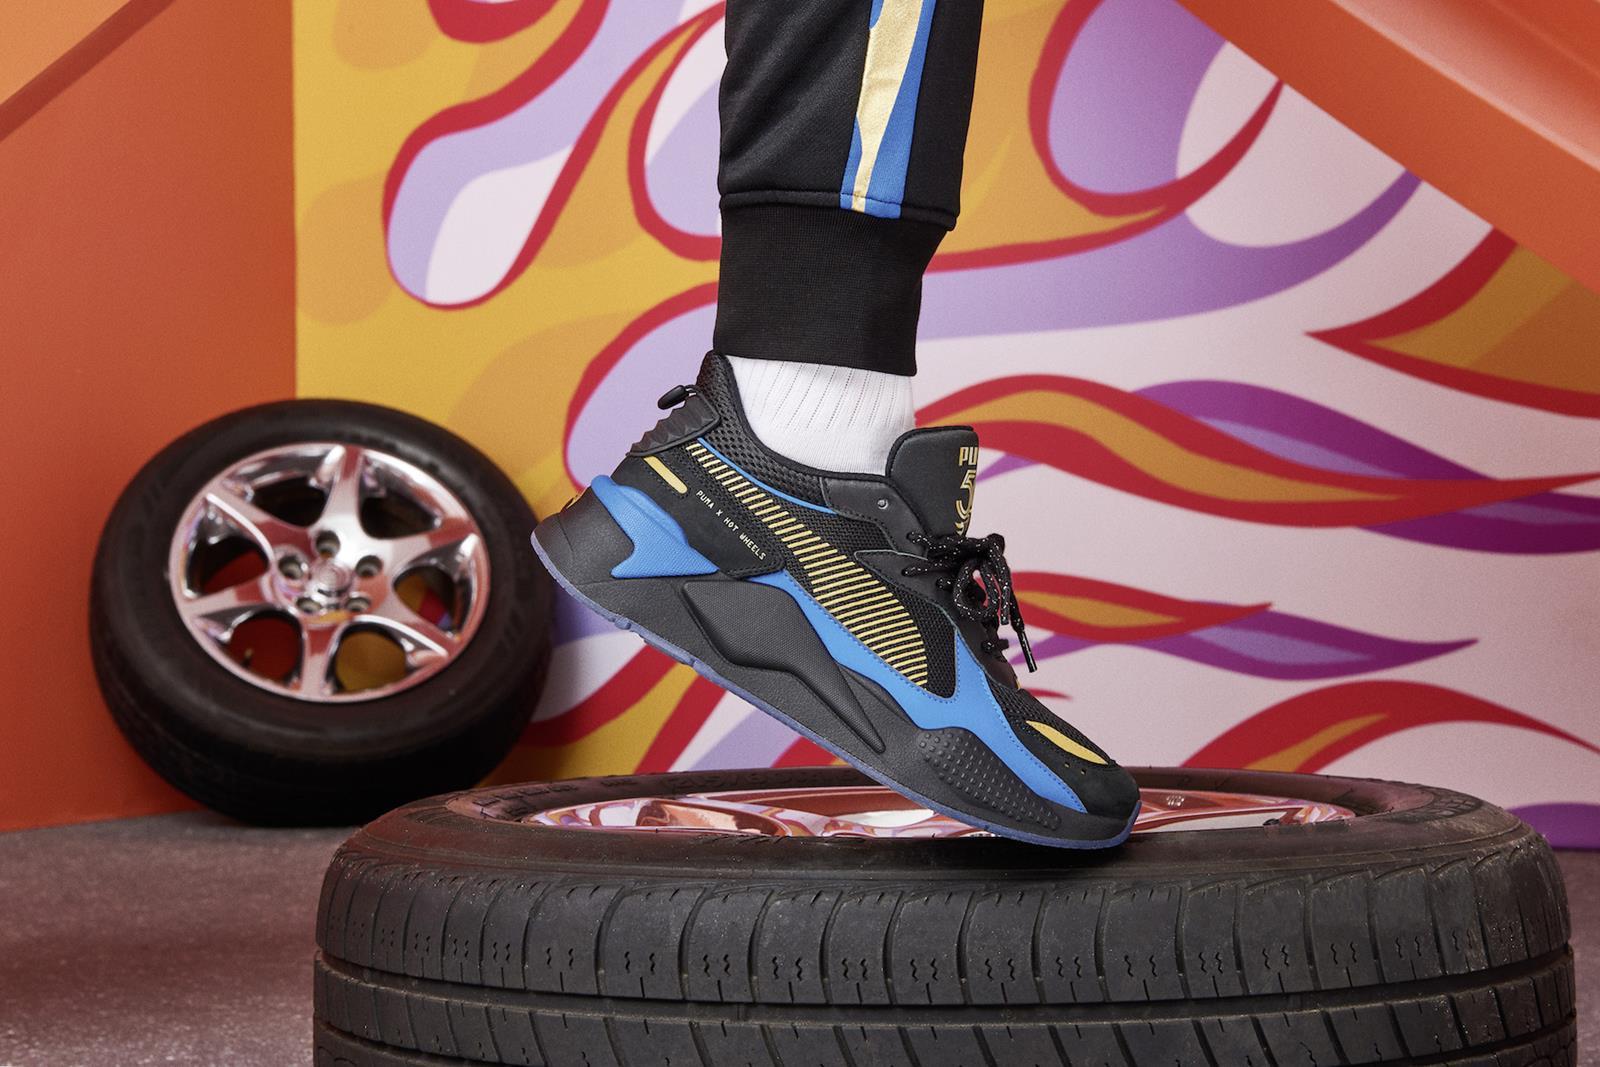 scarpe puma hot weels. Puma fonde il nuovo design della sneaker RS-X con ... 2f907f49b2e